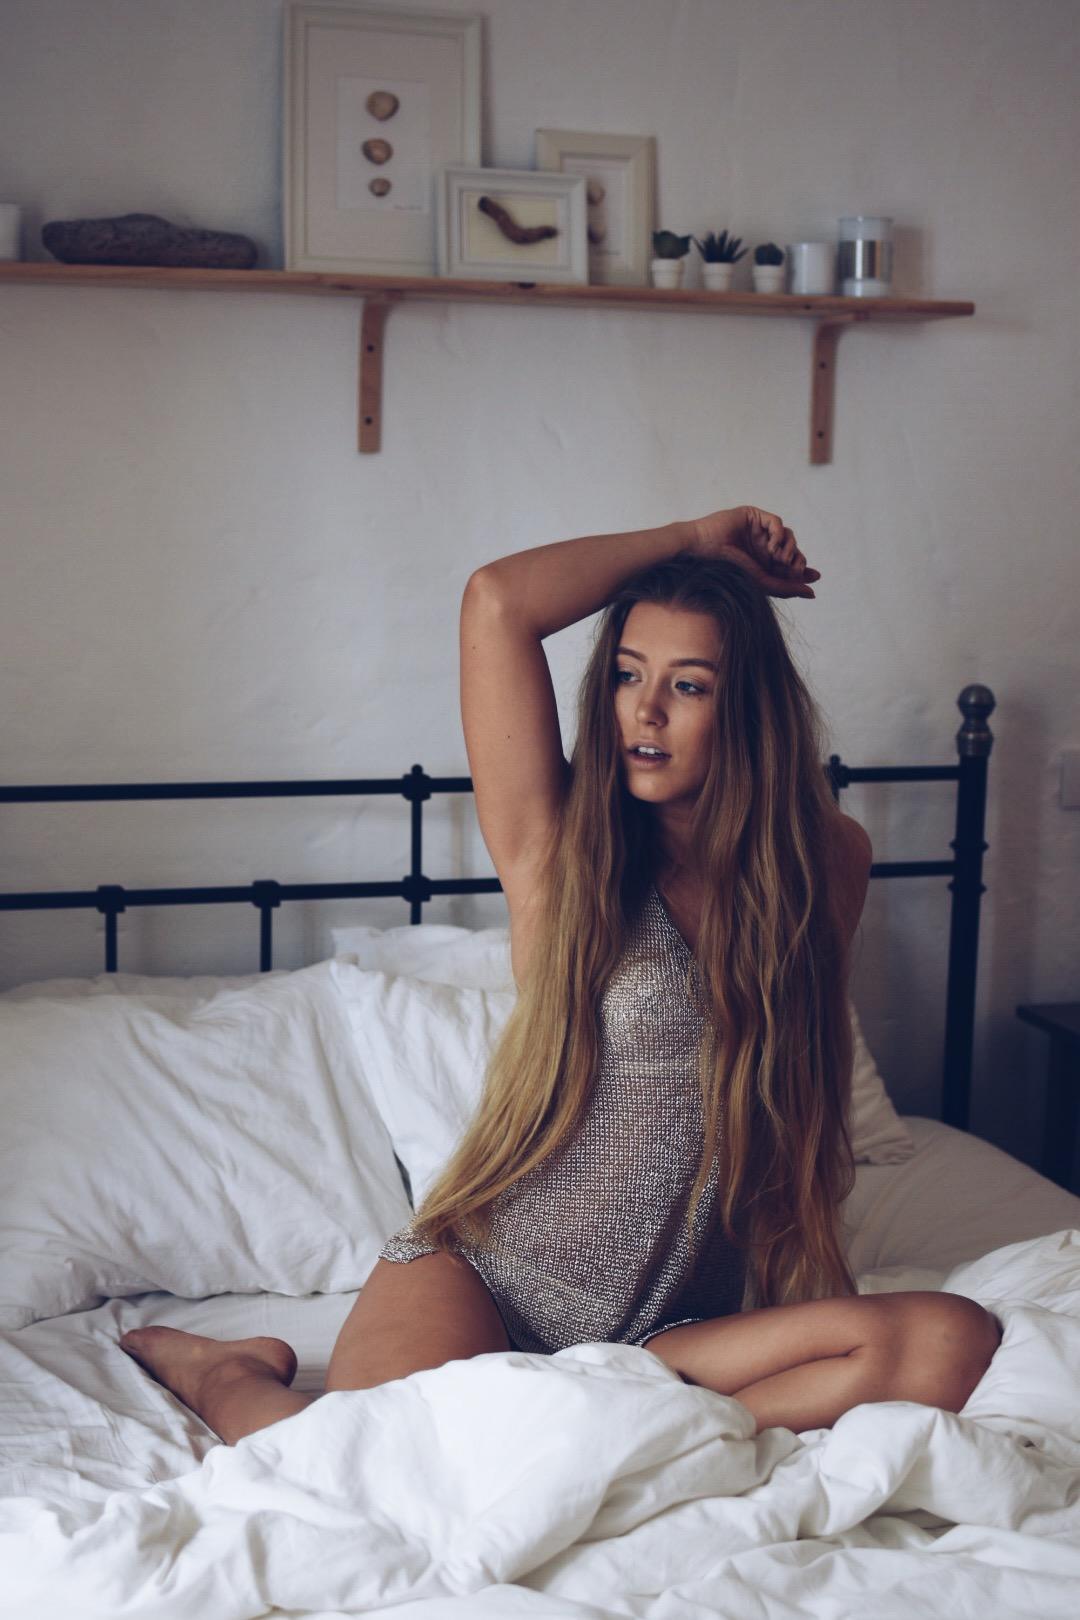 Early morning lingerie shoot